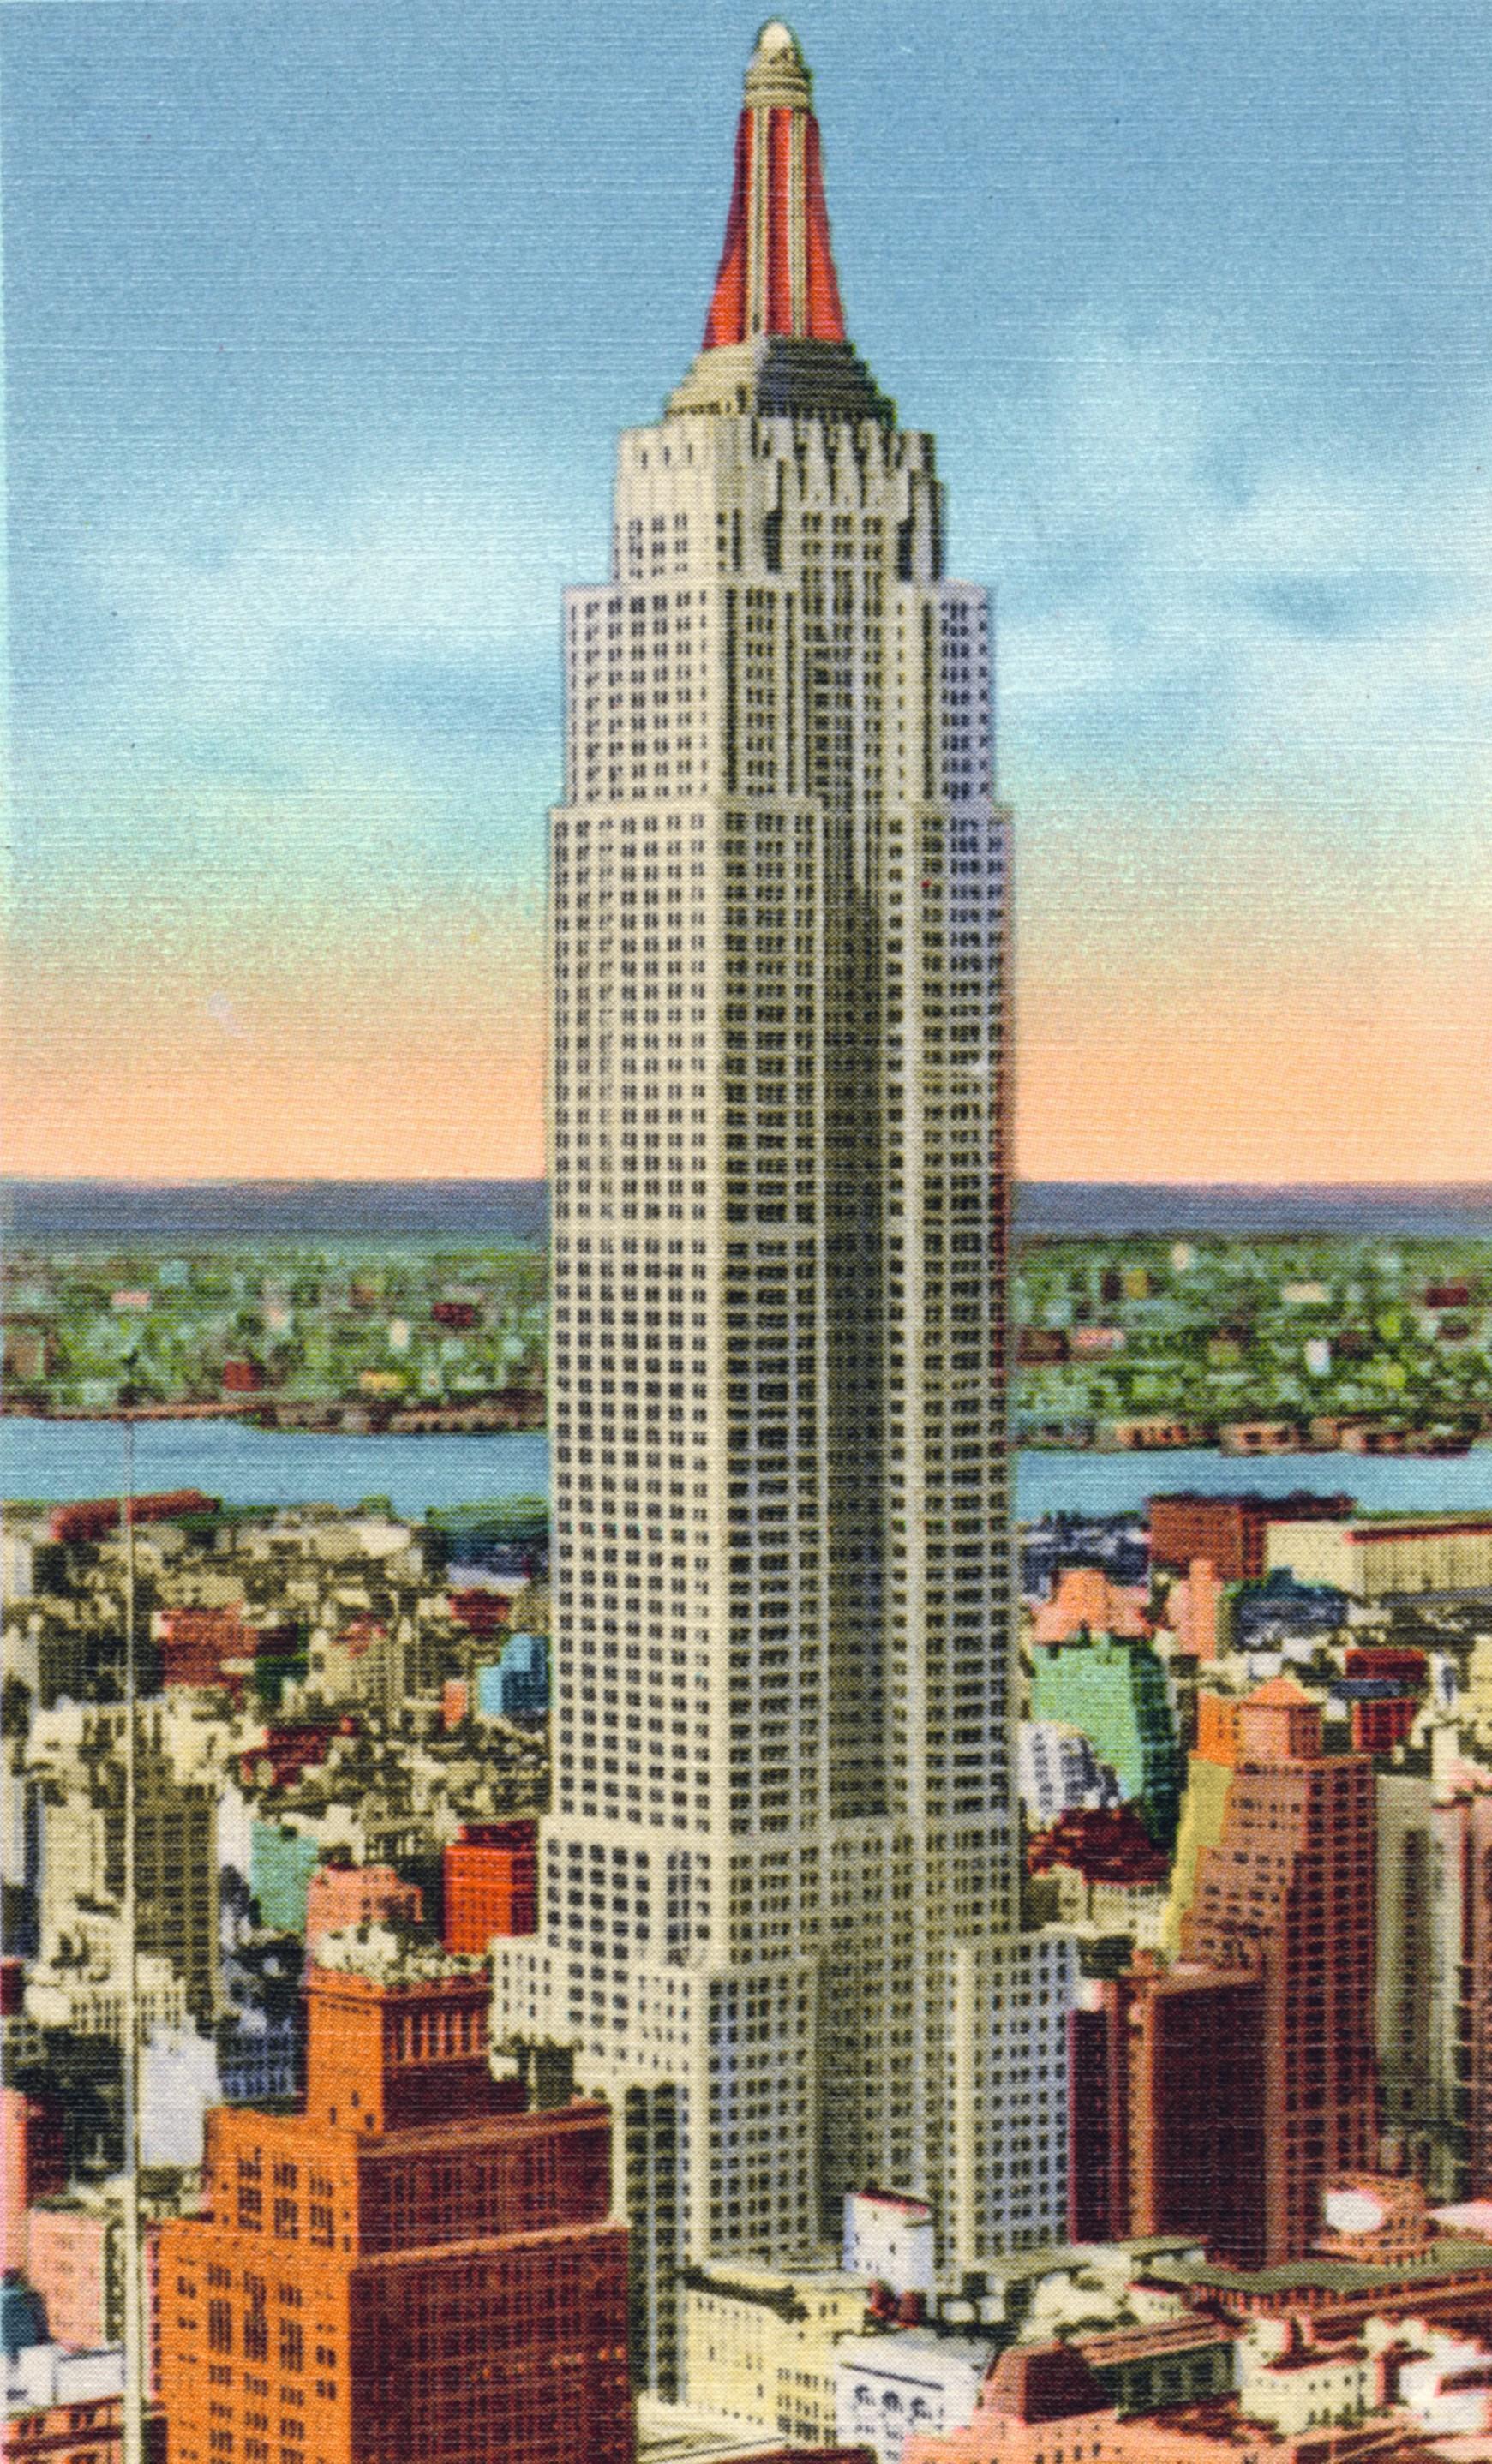 La tour Rockefeller, du nom du fondateur de la Standard Oil, entreprise démantelée en 1911 au nom de la politique antitrust